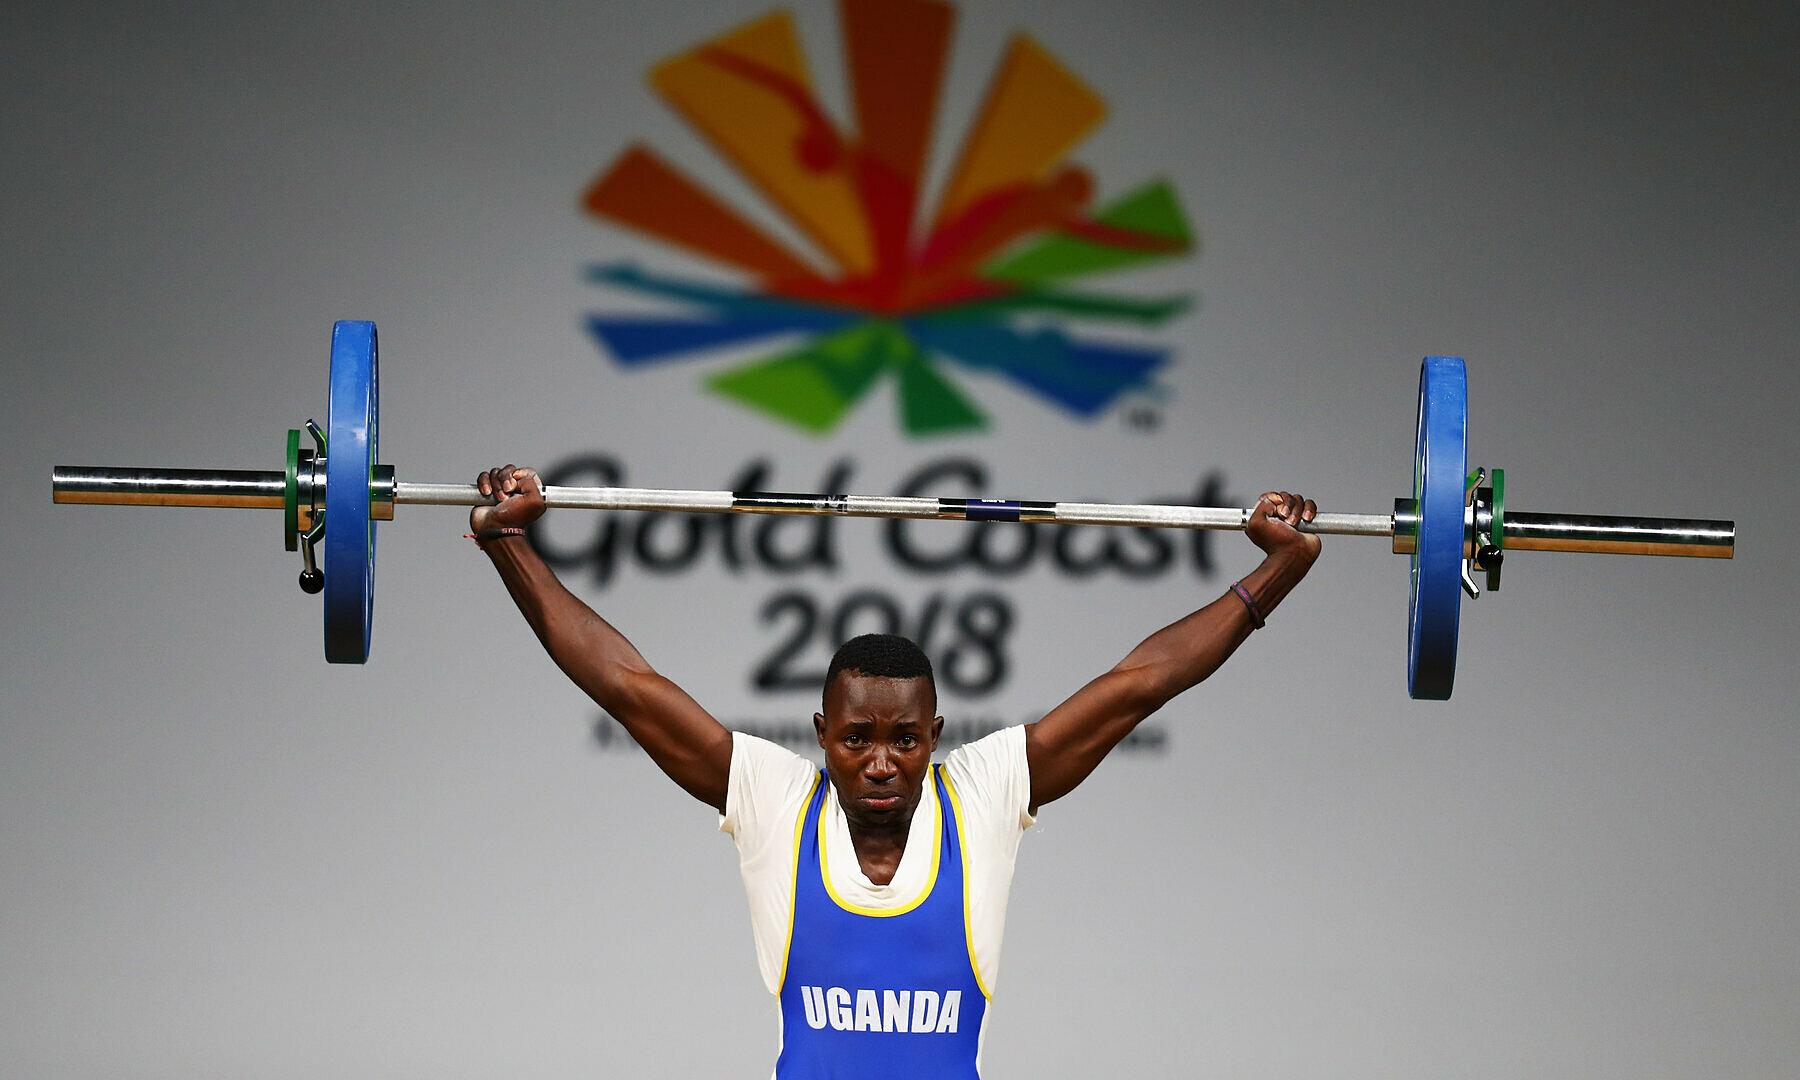 Julius Ssekitoleko bersaing di kelas berat 56kg, memenangkan medali perunggu di angkat besi muda Afrika.  Foto: NYTimes